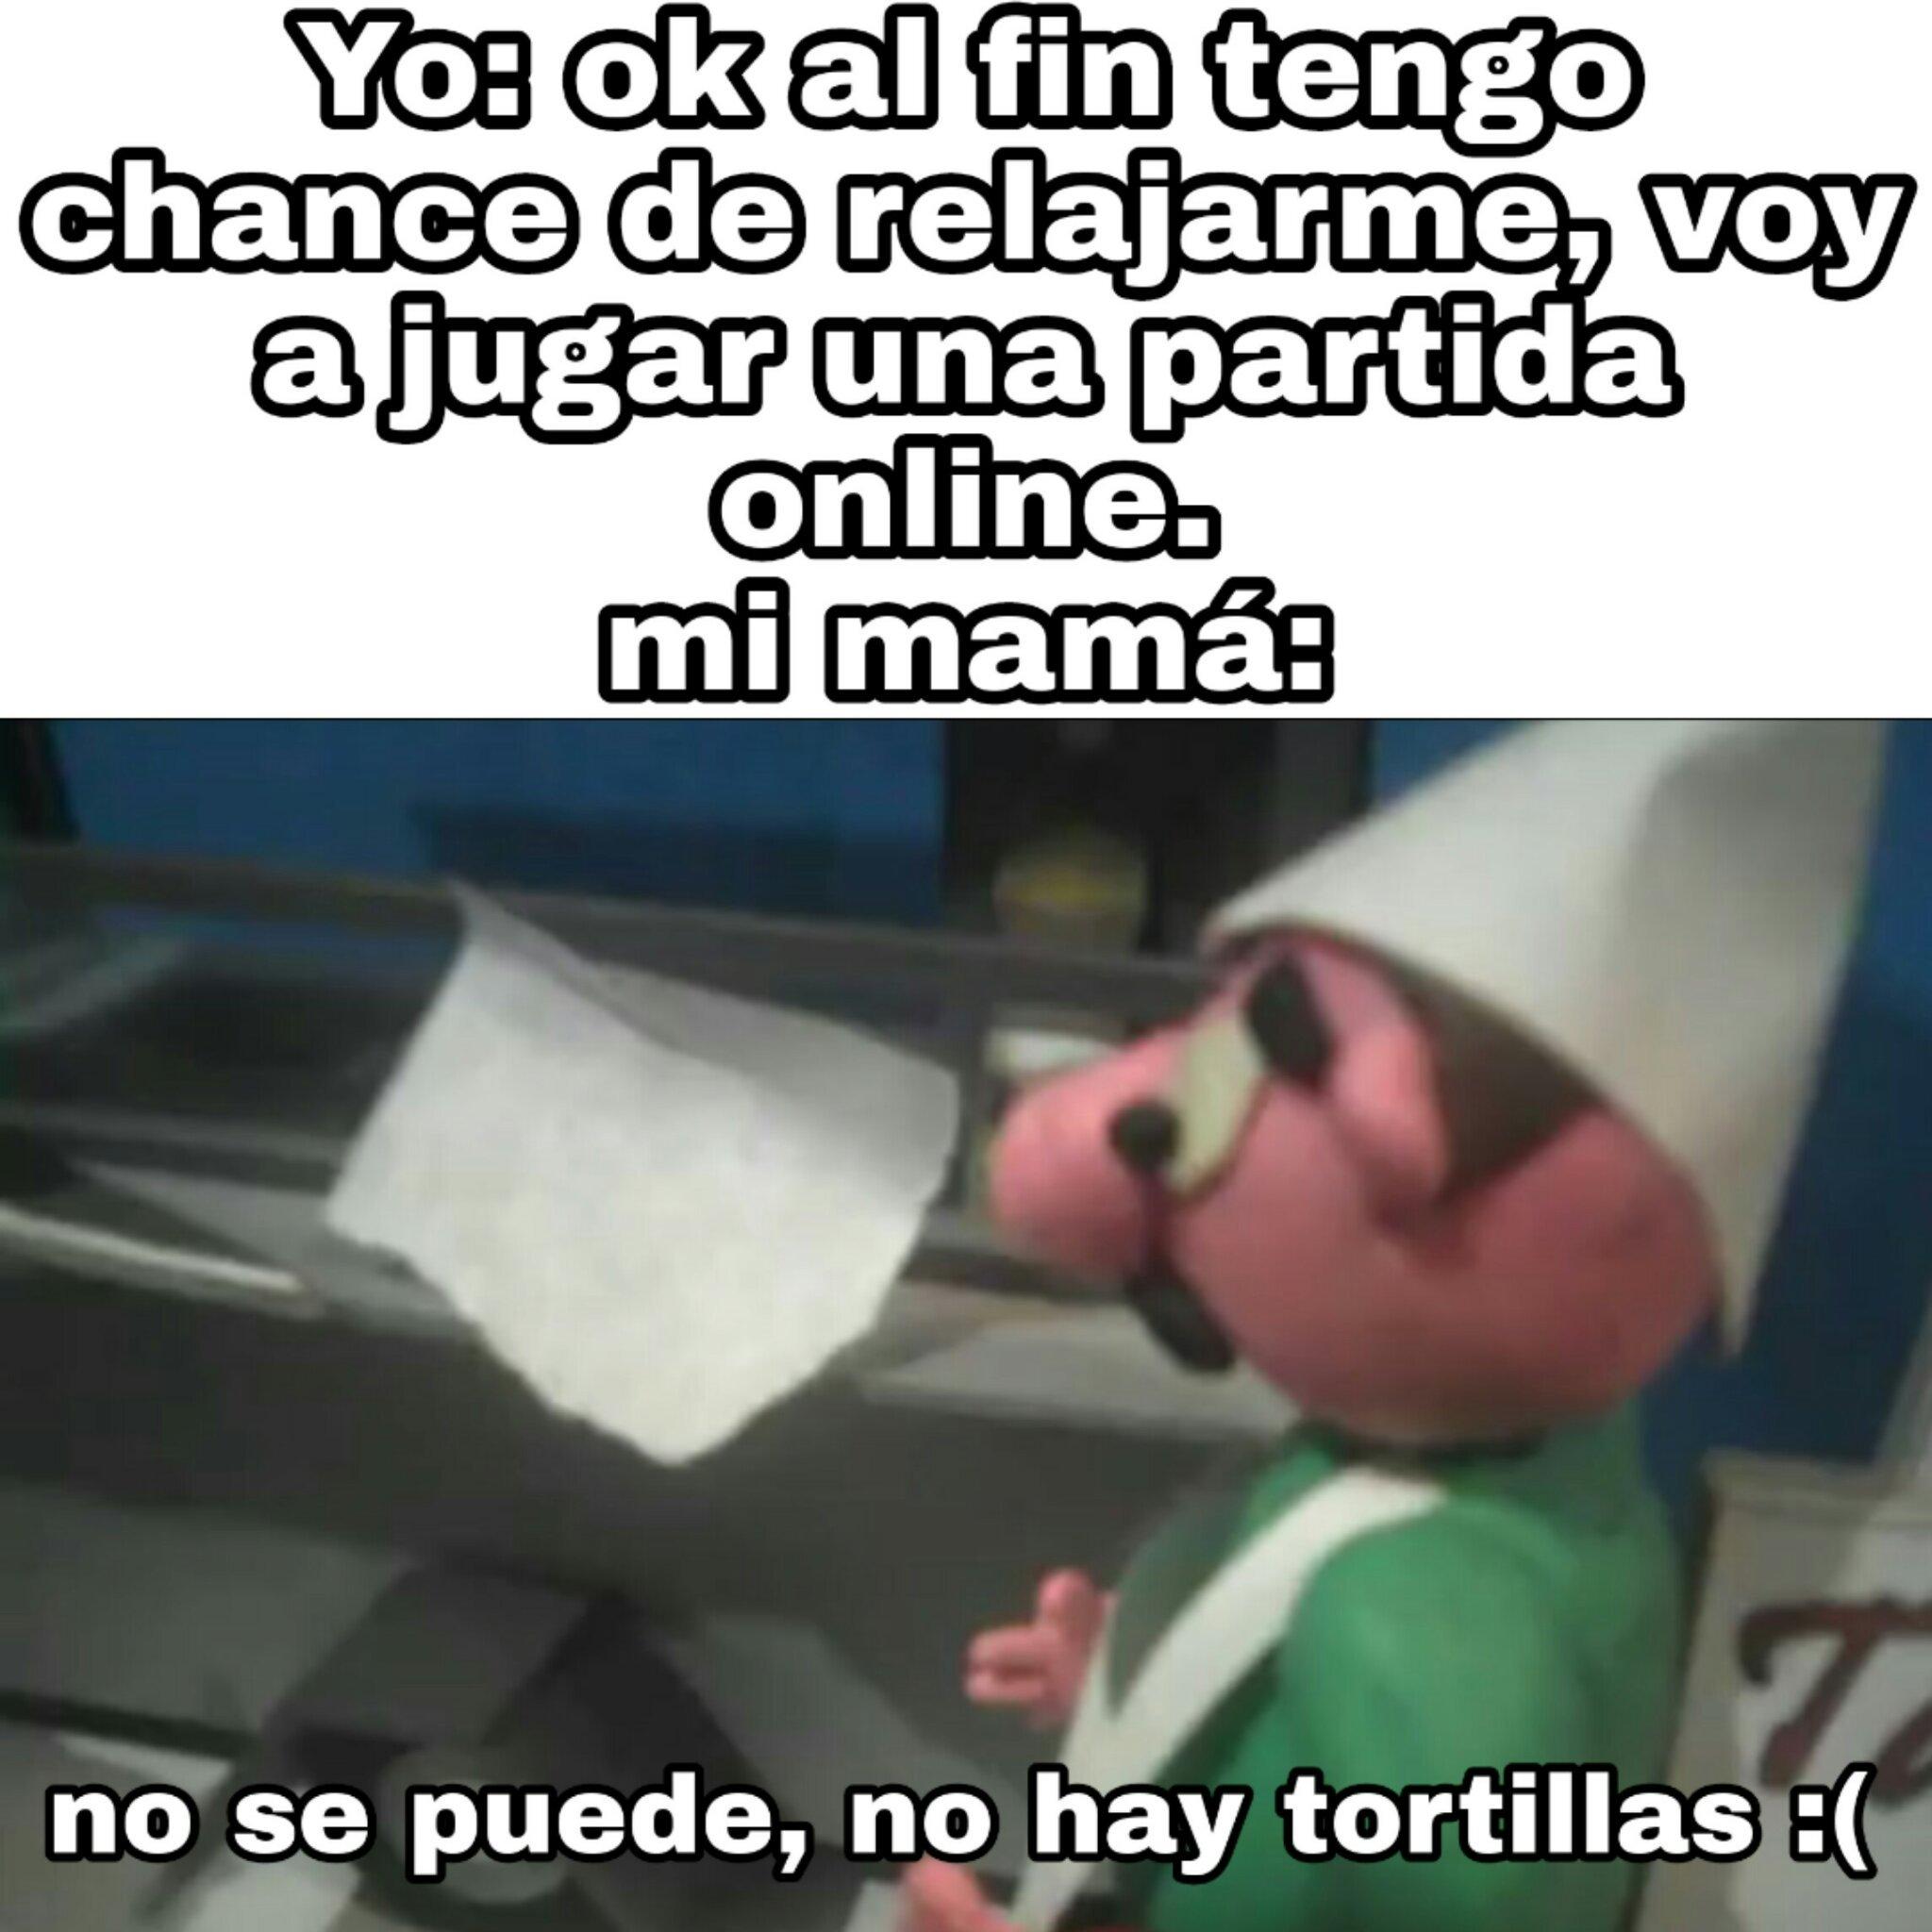 No hay tortillas :( - meme